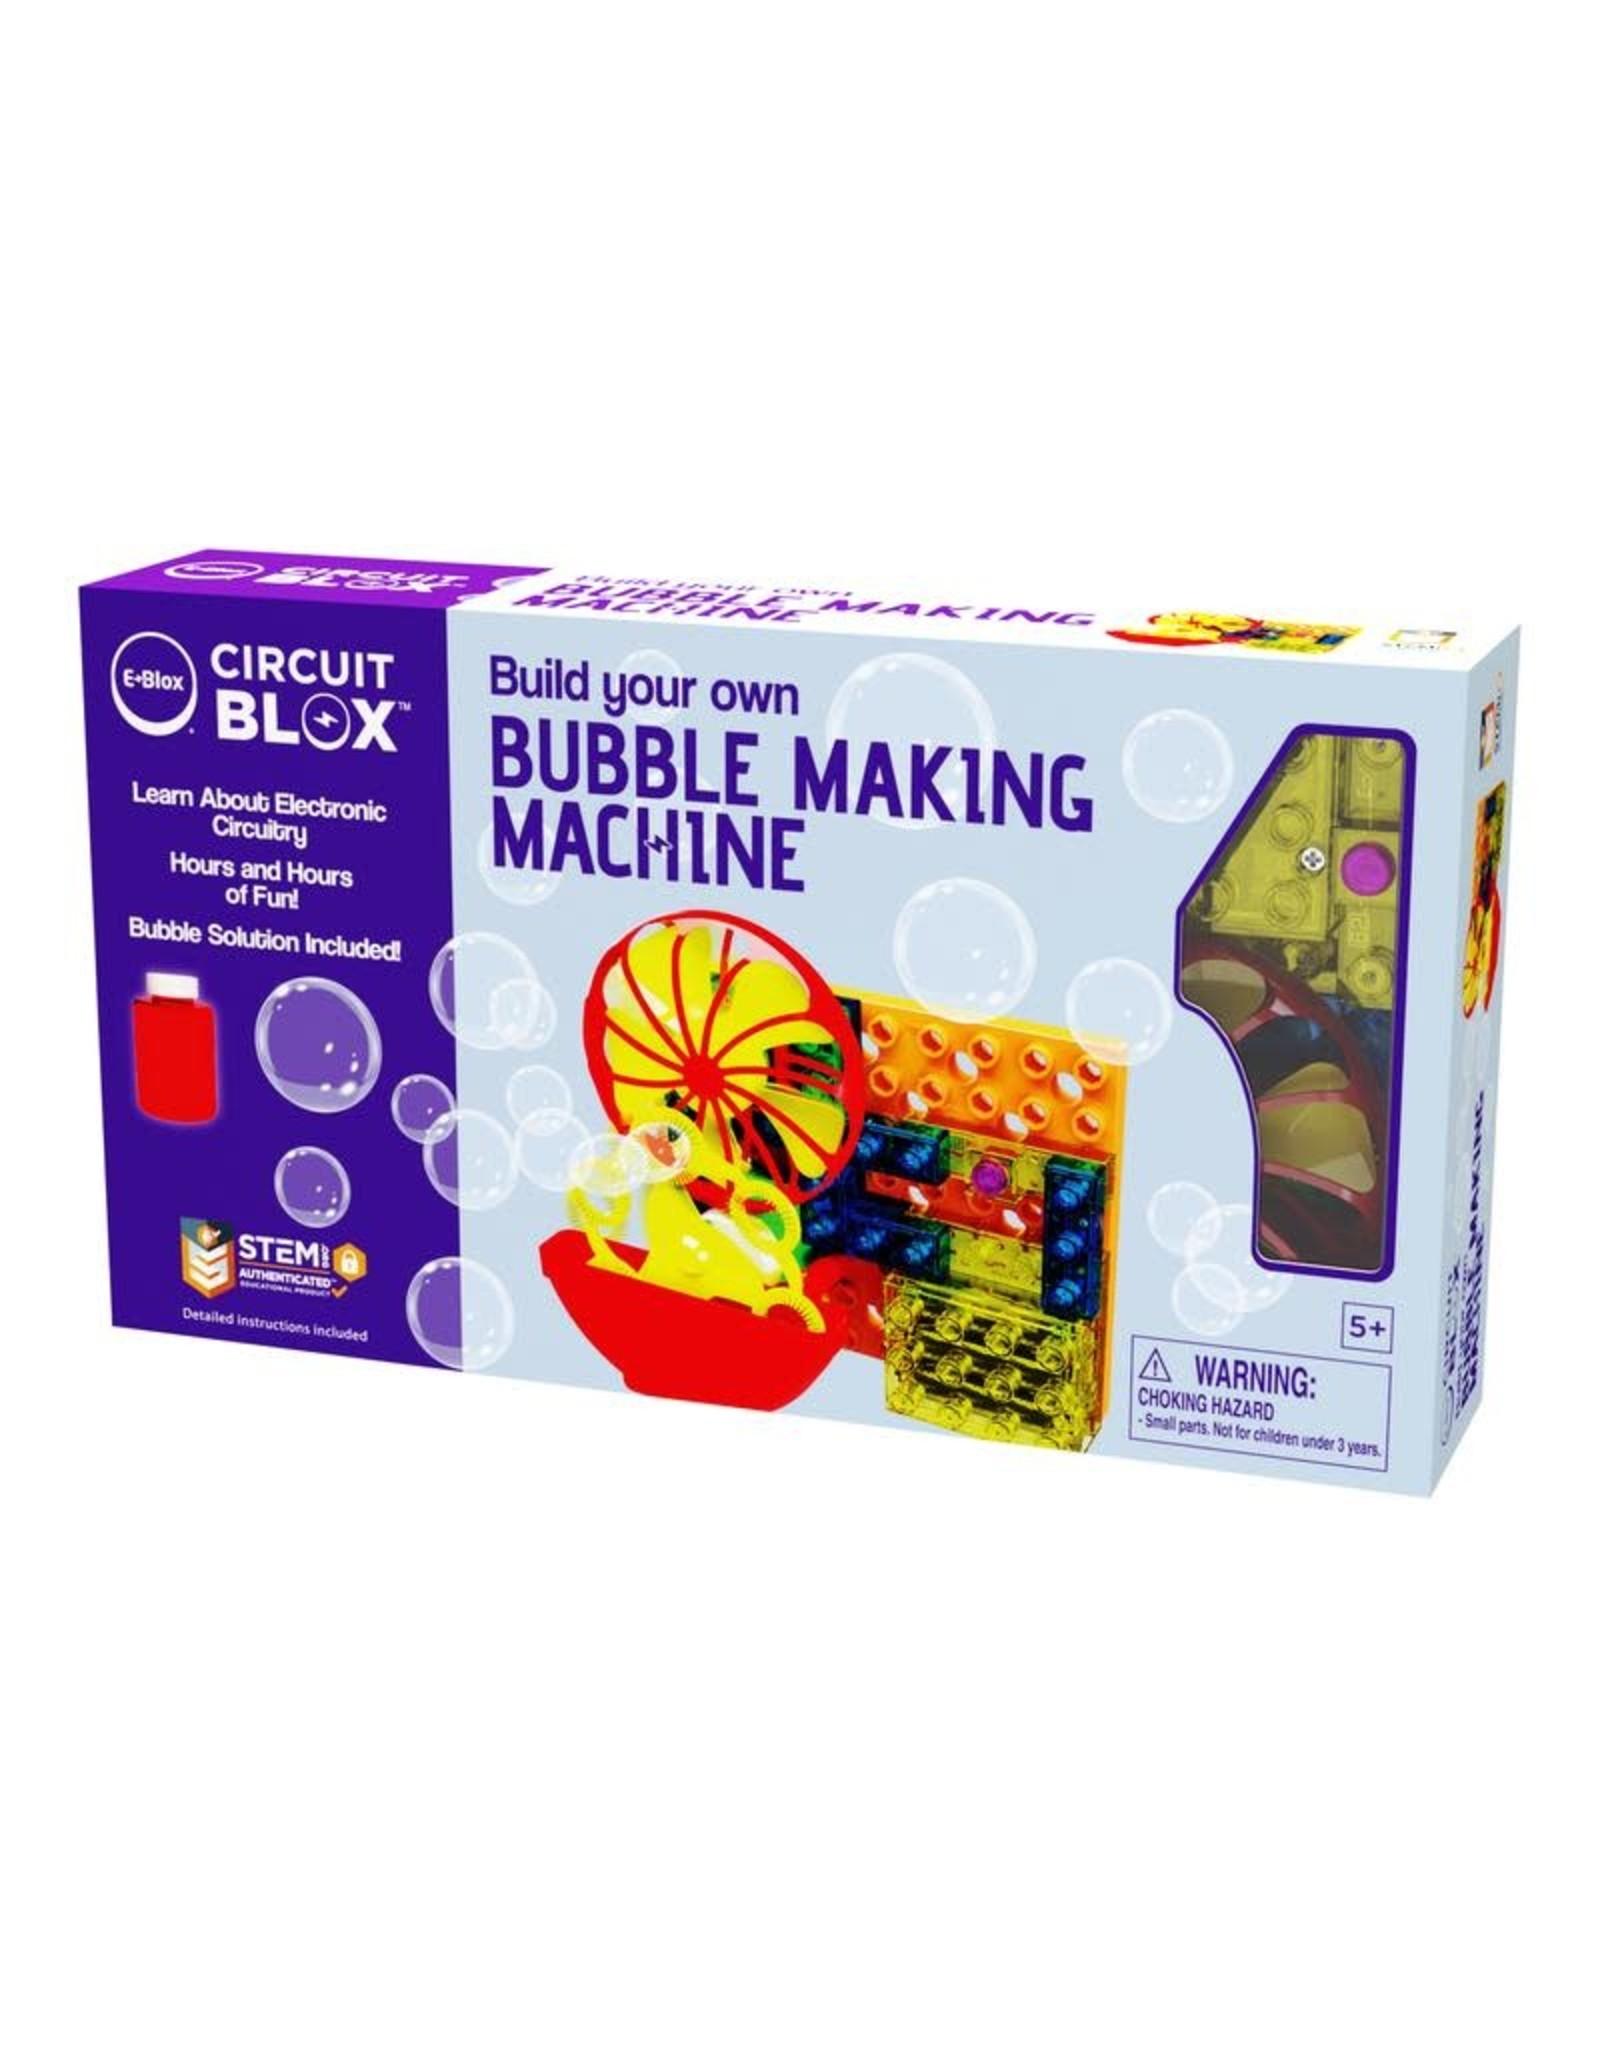 Bubble Making Machine